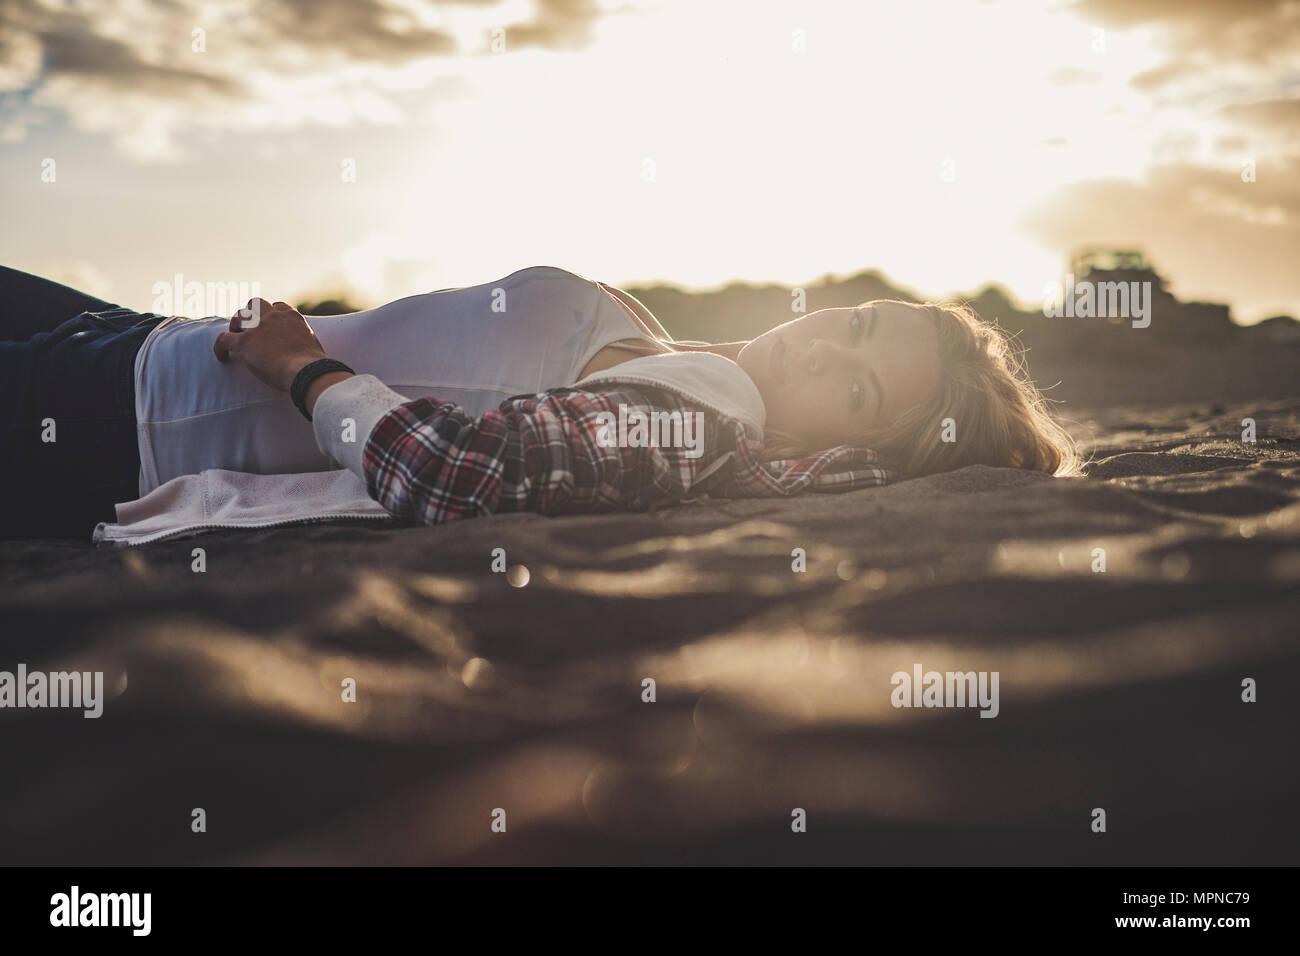 Schönen Sonnenuntergang Licht für eine niedliche blonde Mädchen legt die Ruhe am Strand auf Teneriffa. Sie schauen auf sie. Off road Auto auf dem Hintergrund geparkt Stockbild